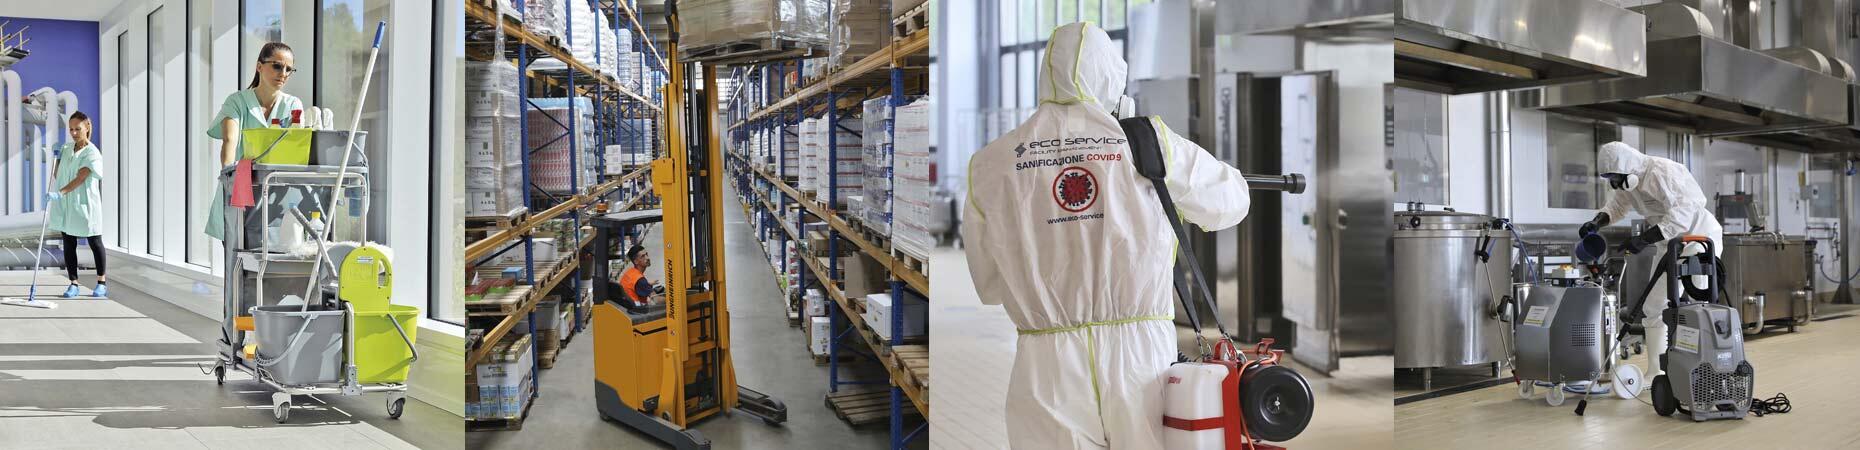 eco-service it 3-it-319895-premio-confindustria-excelsa-2021-aziende-eccellenti 005